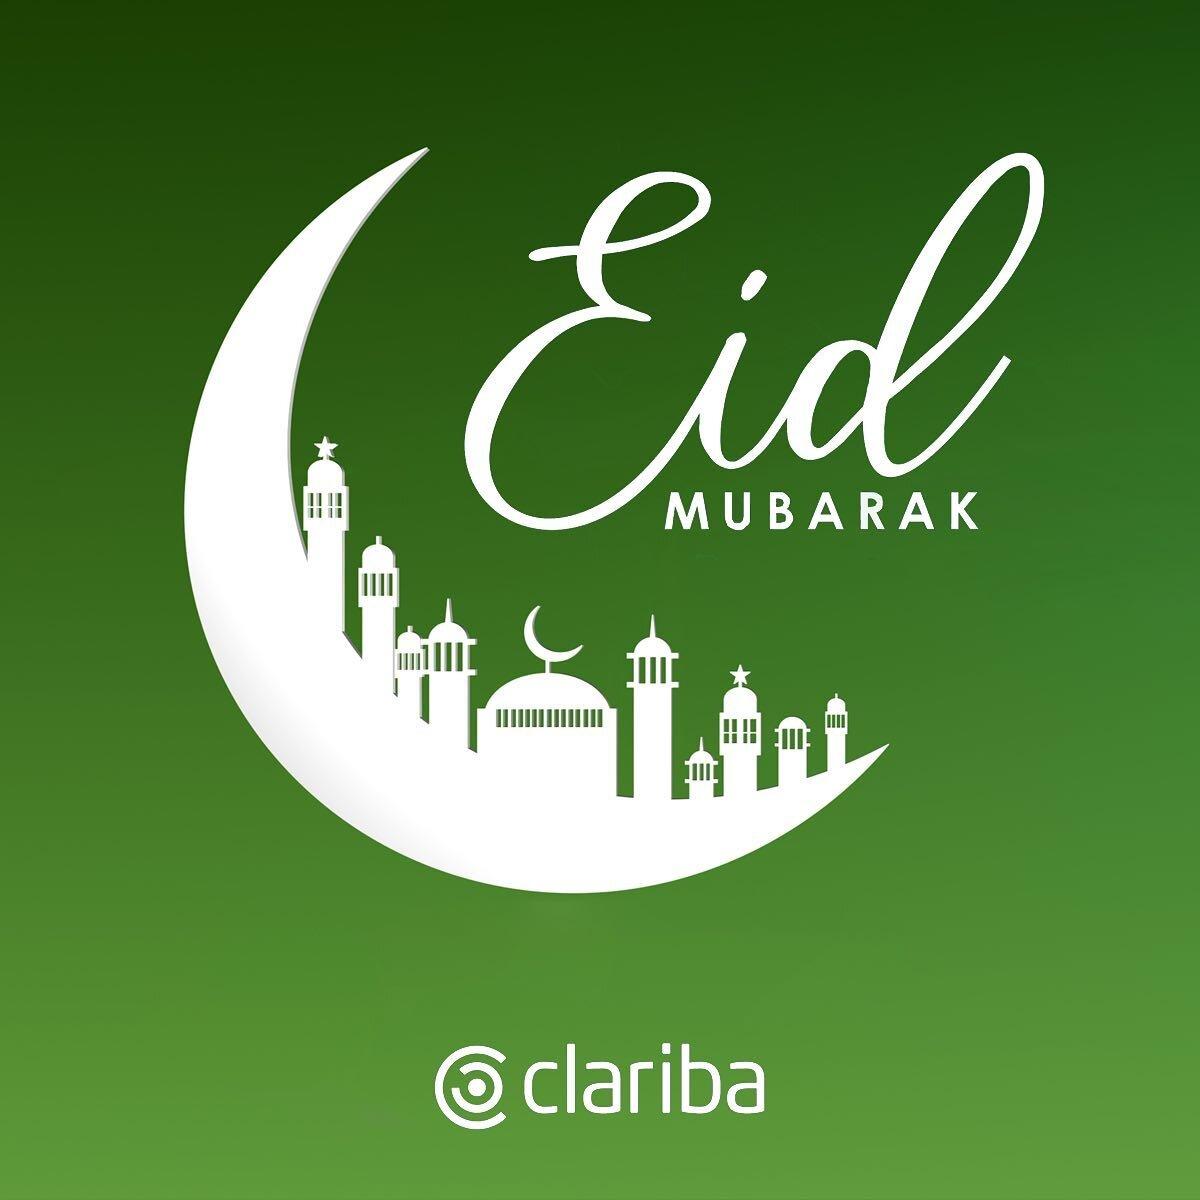 Eid Mubarak! Wish you all a very happy and peaceful Eid. 🌙 #EidMubarak #EidAlFitr #eid #eid2021